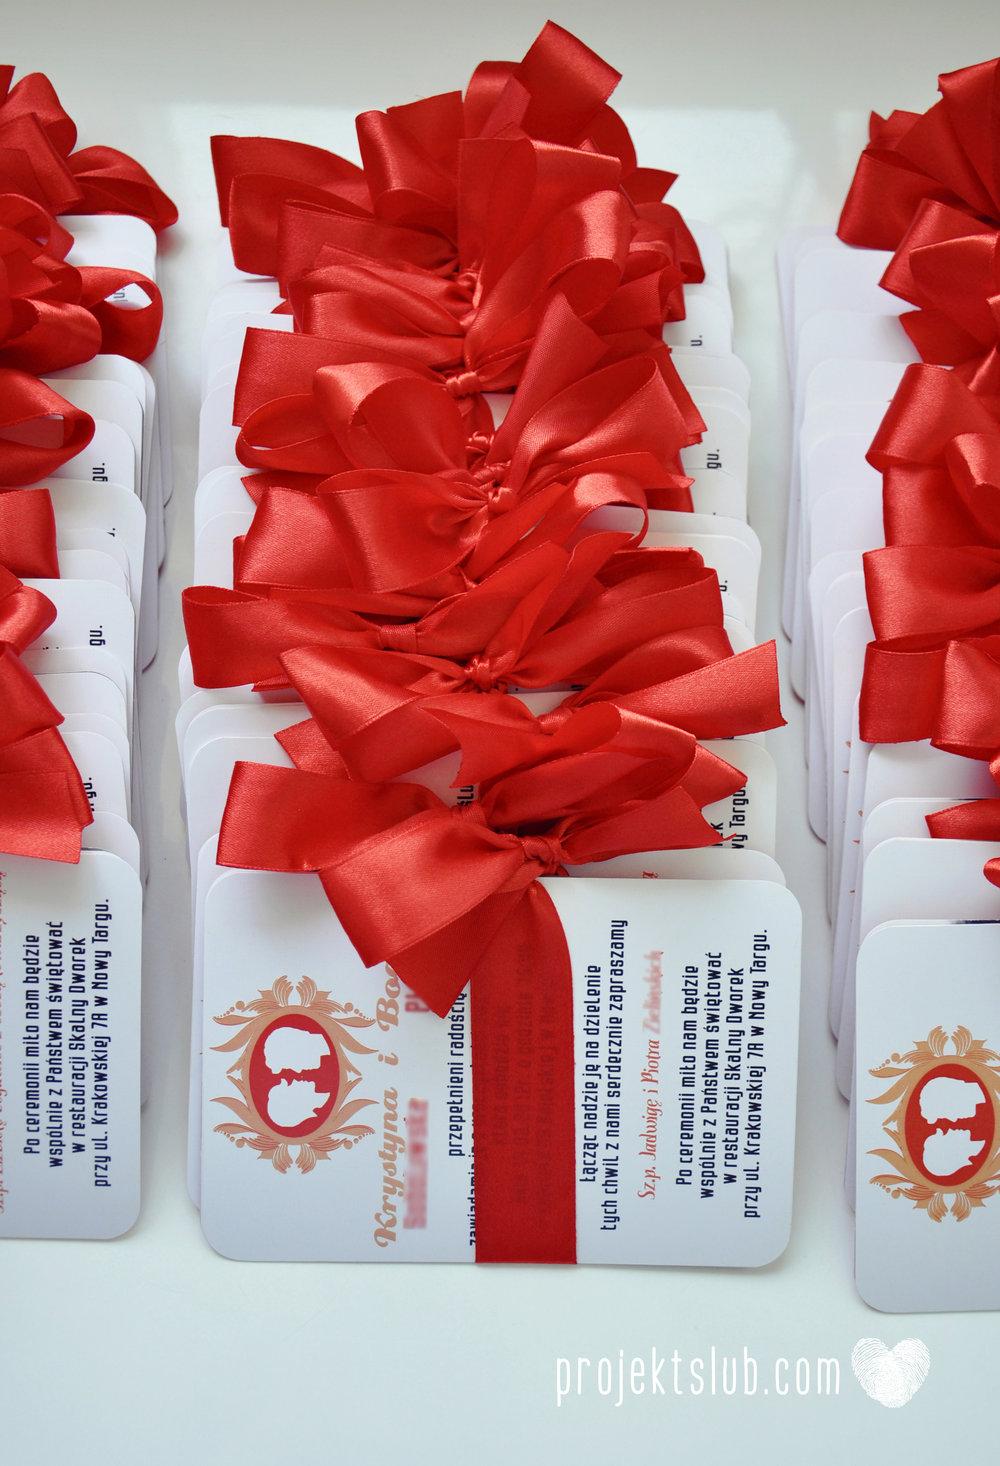 Oryginalne zaproszenie ślubne z kameą czerwone ze wstążką i zdjęciem narzeczonych wyjątkowy design elegancka grafika Czerwień Kamei Projekt Ślub (17).jpg